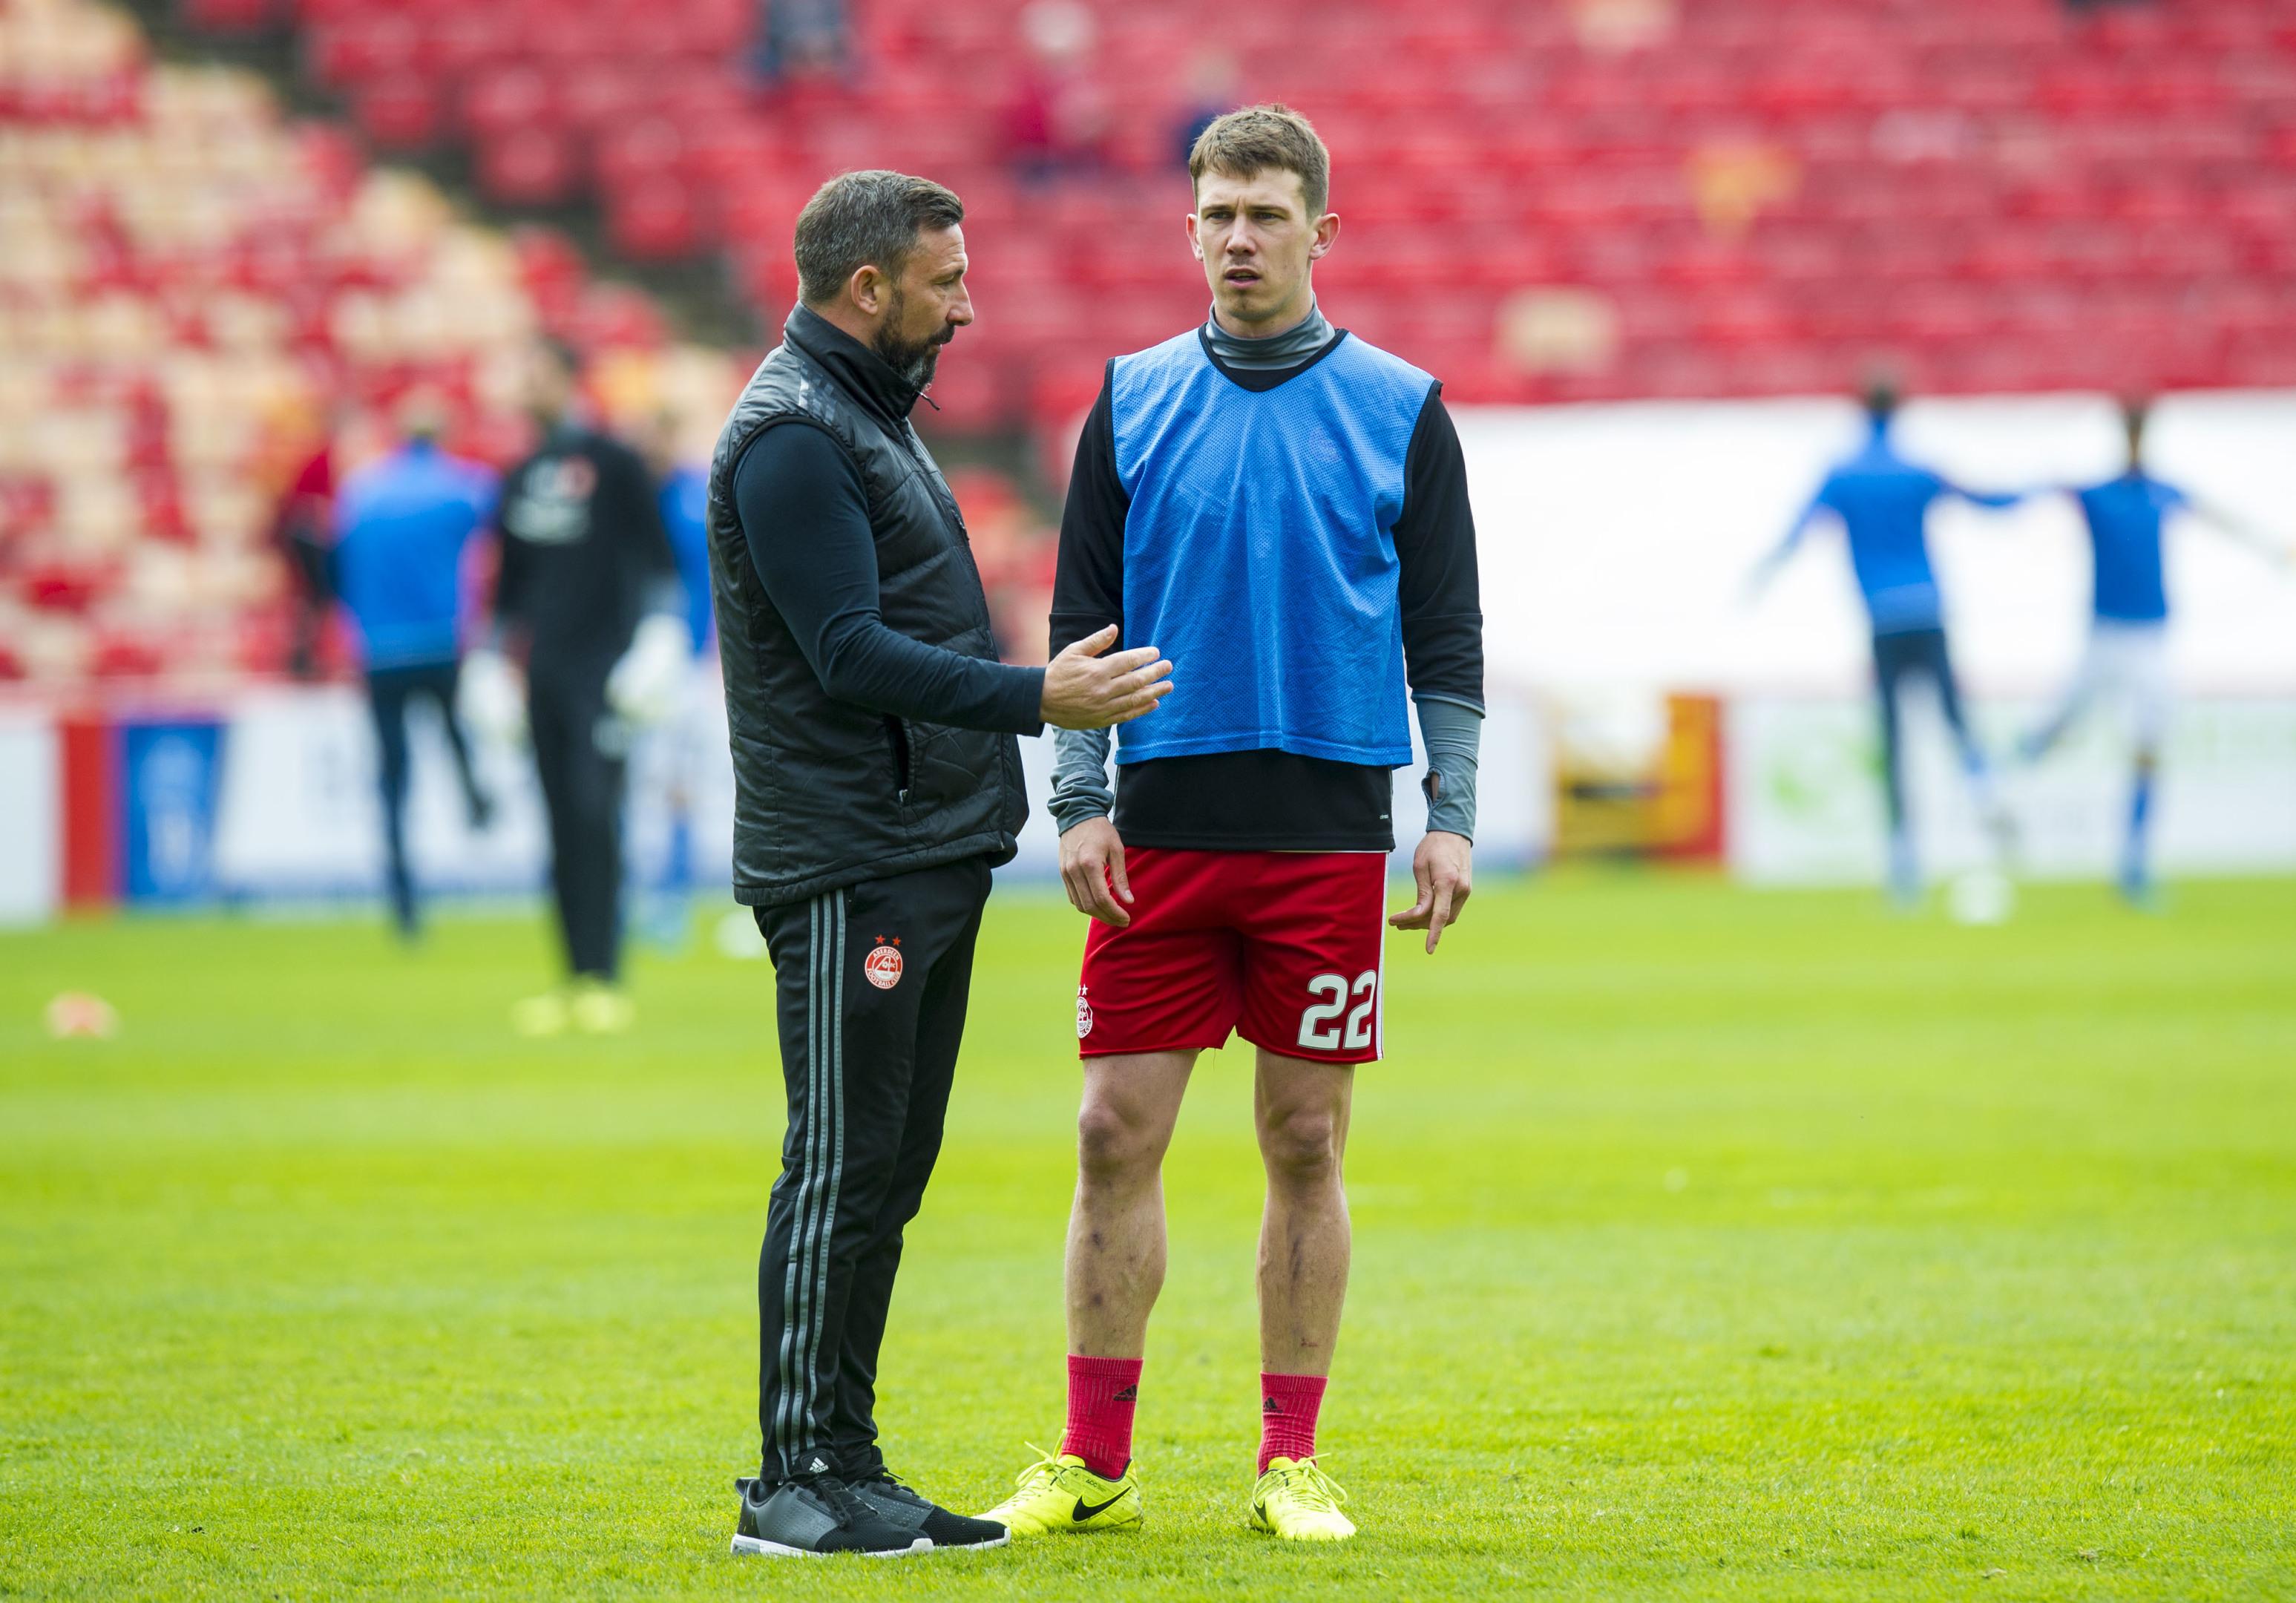 Aberdeen's Ryan Jack warms up with Manager Derek McInnes